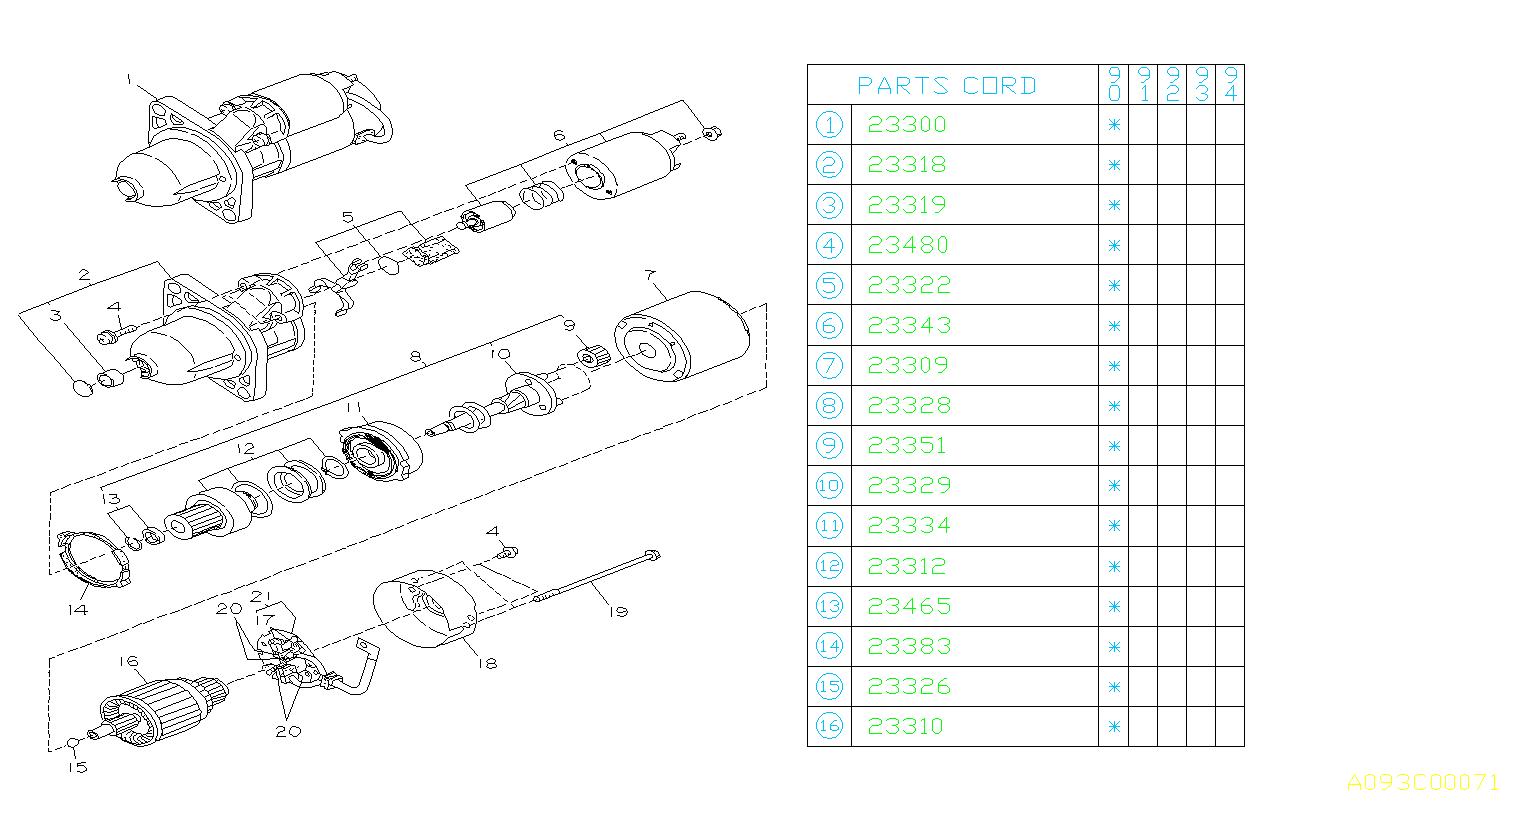 Subaru Loyale Starter Motor Assembly